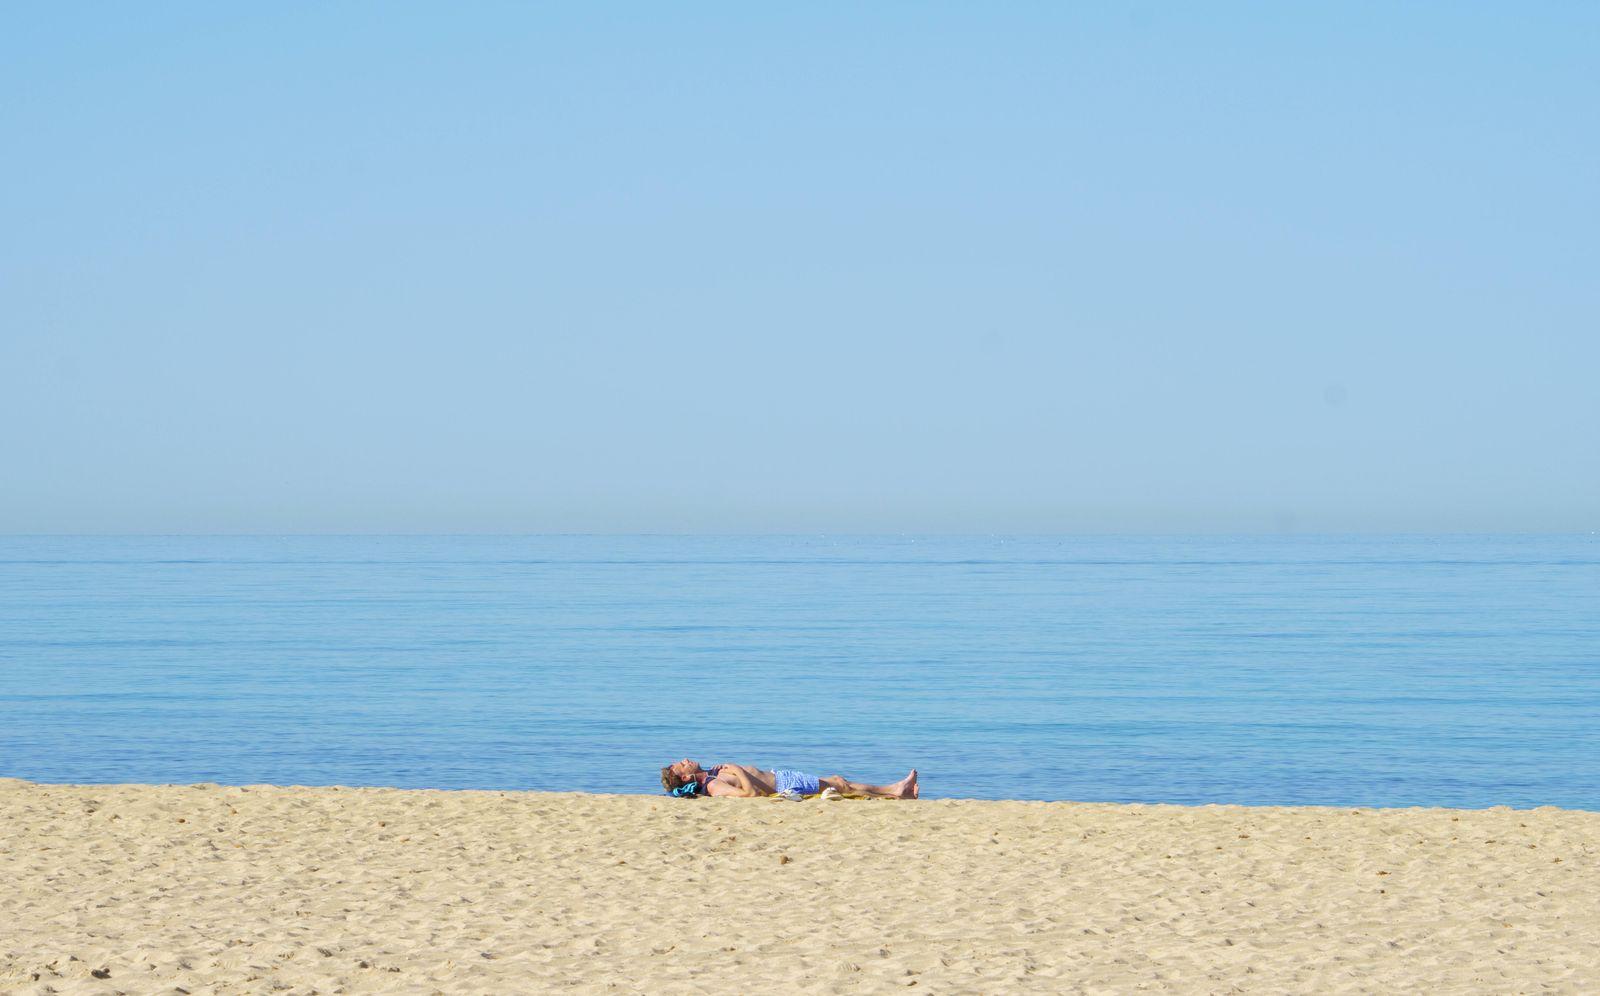 Playa de Palma auf Mallorca im zweiten Jahr der Corona-Pandemie Frühsommer 2021 -;Playa de Palma auf Mallorca im zweite